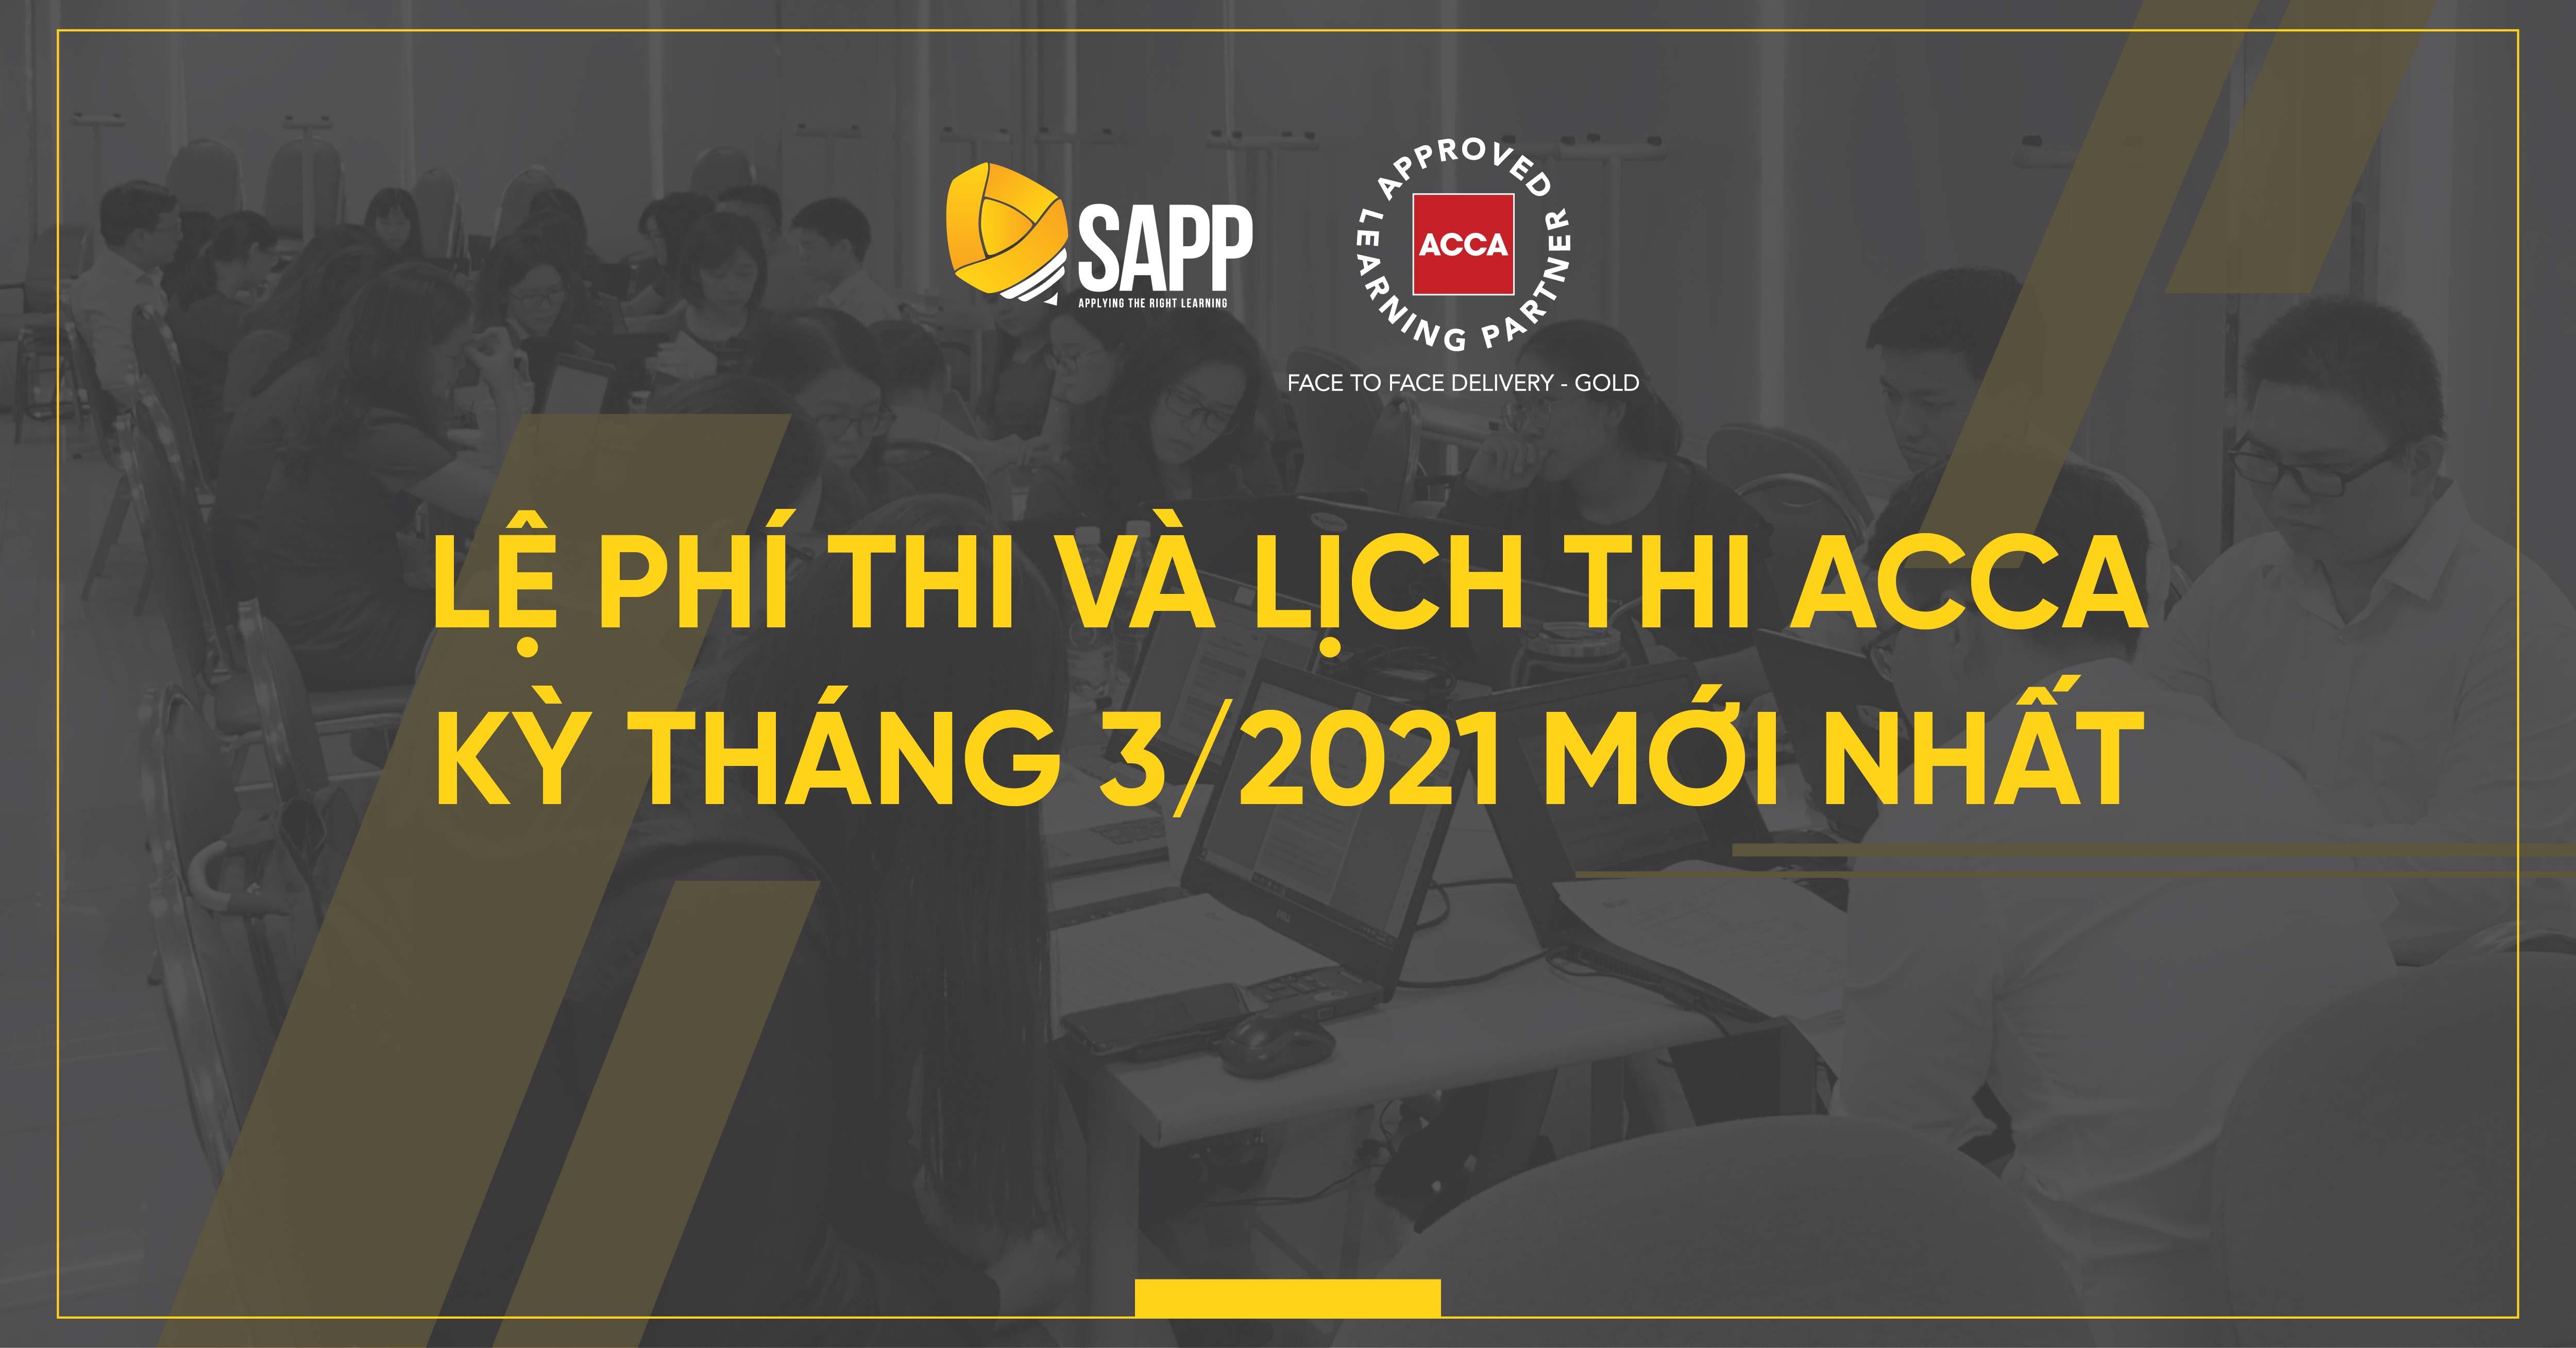 Lệ phí thi và lịch thi ACCA kỳ tháng 3 năm 2021 Mới nhất